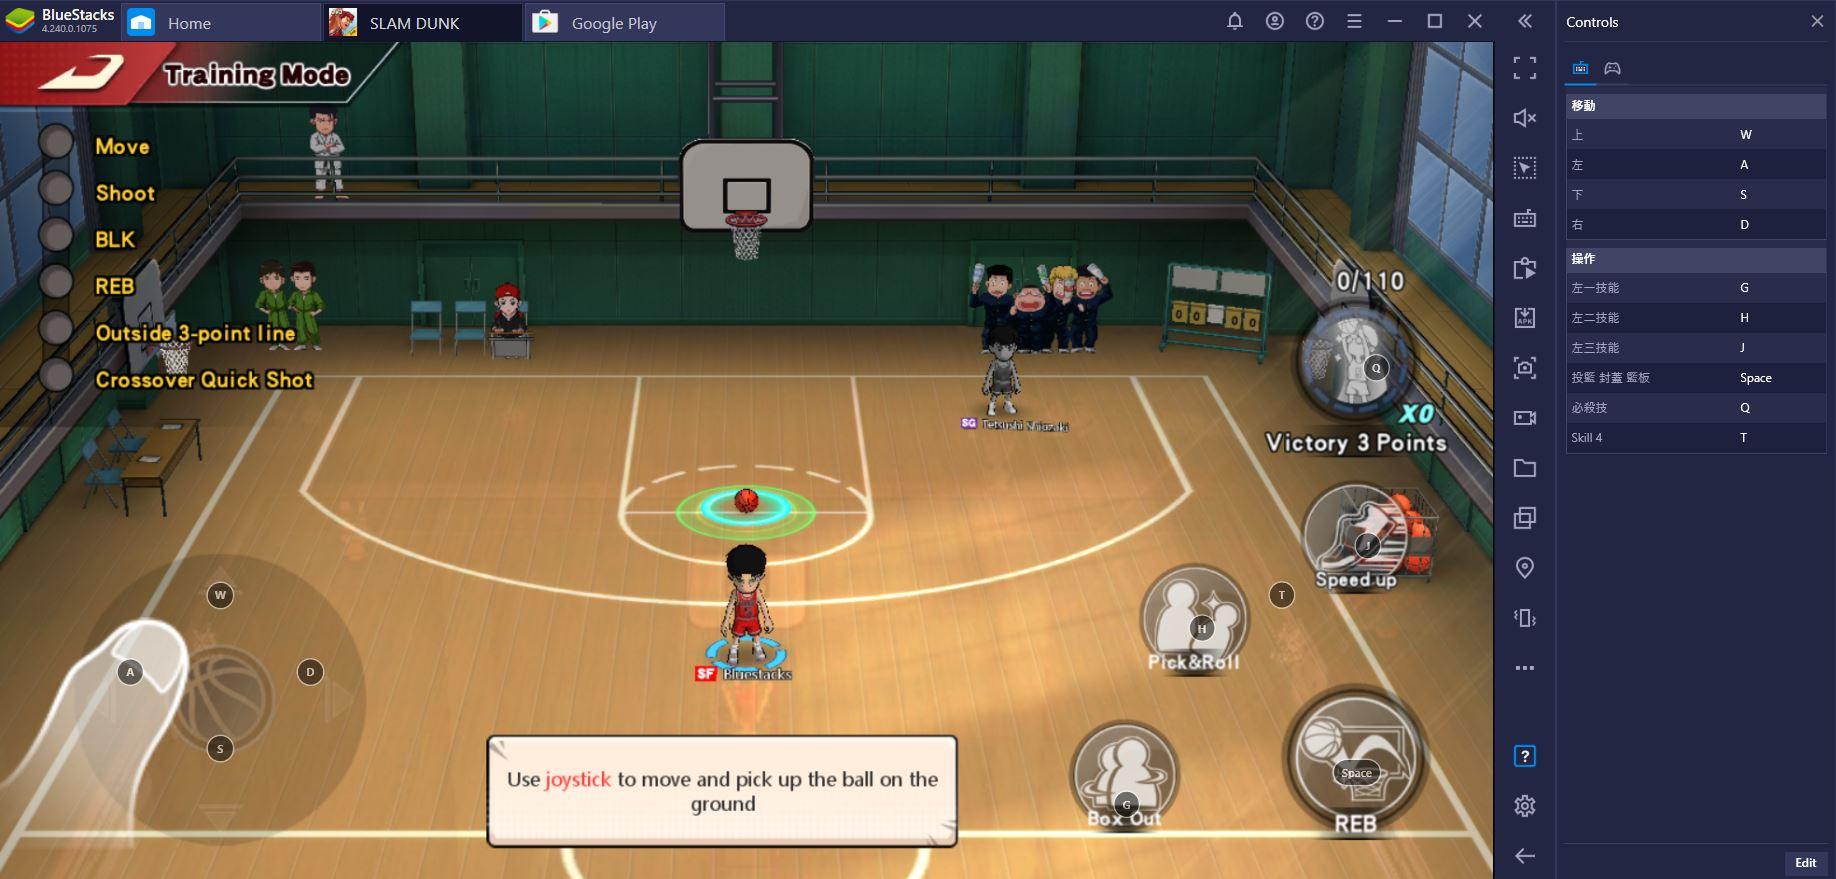 Slam Dunk – Tips untuk pemula bermain Slam Dunk di BlueStacks